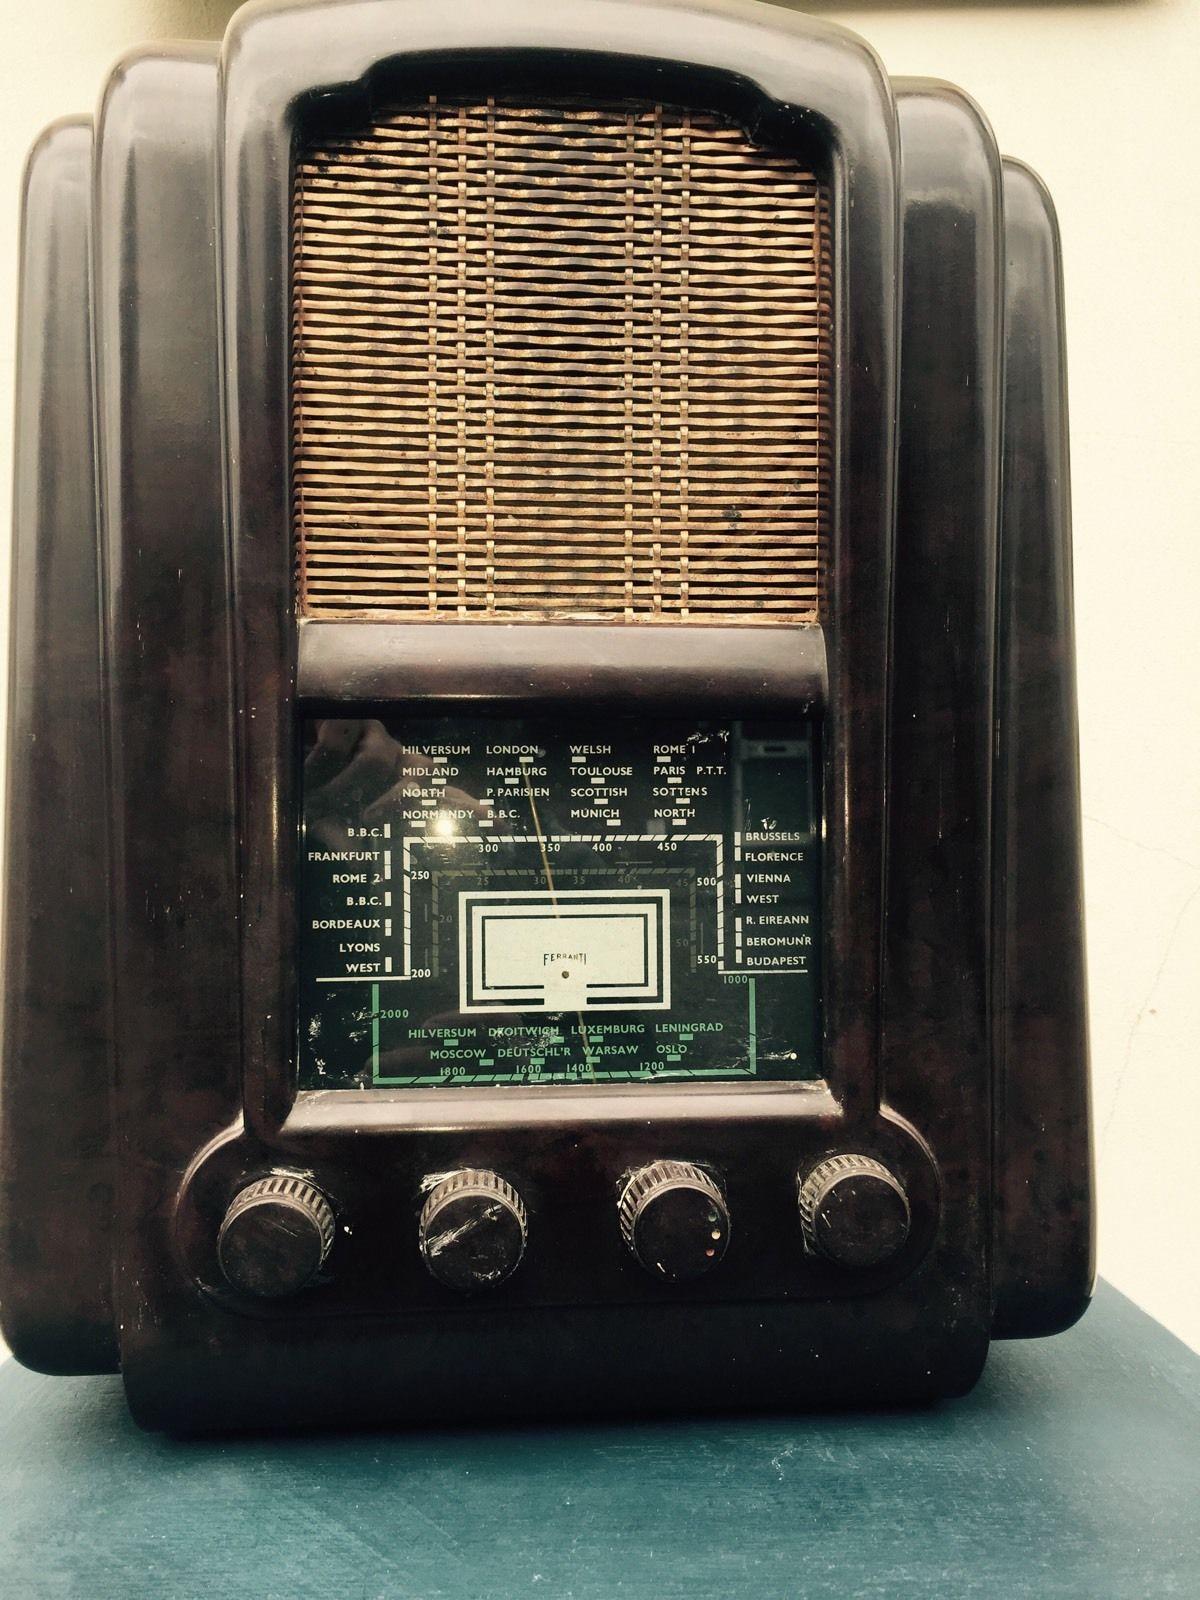 Vintage Retro Art Deco Bakelite Farranti Radio Antikvarnoe Radio Retro Radio Aerofotosemka